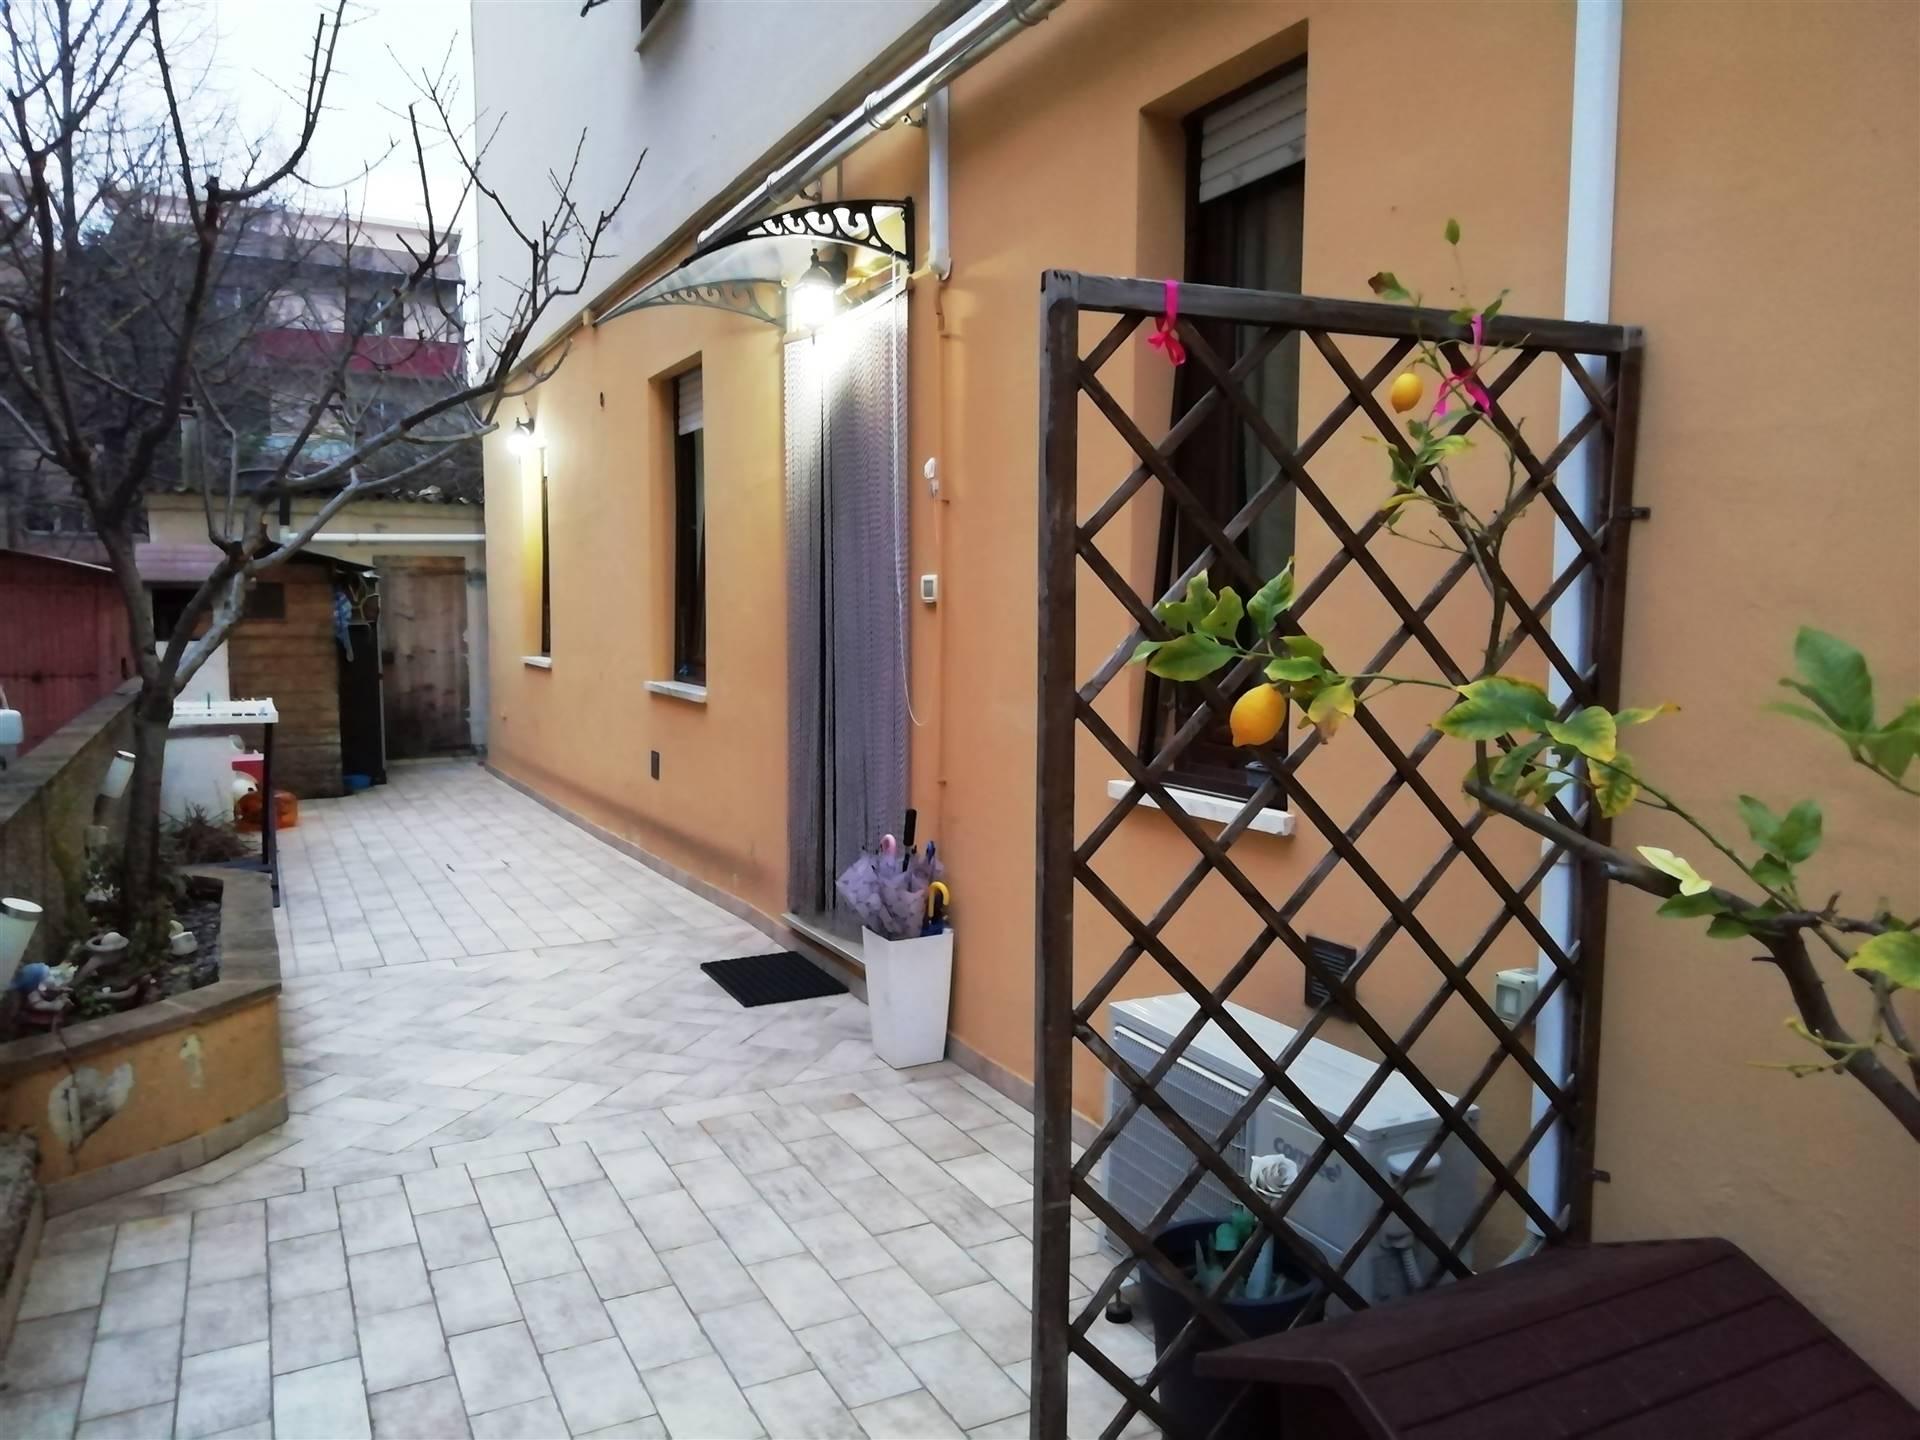 Appartamento in vendita a Chiaravalle, 3 locali, prezzo € 79.000 | CambioCasa.it